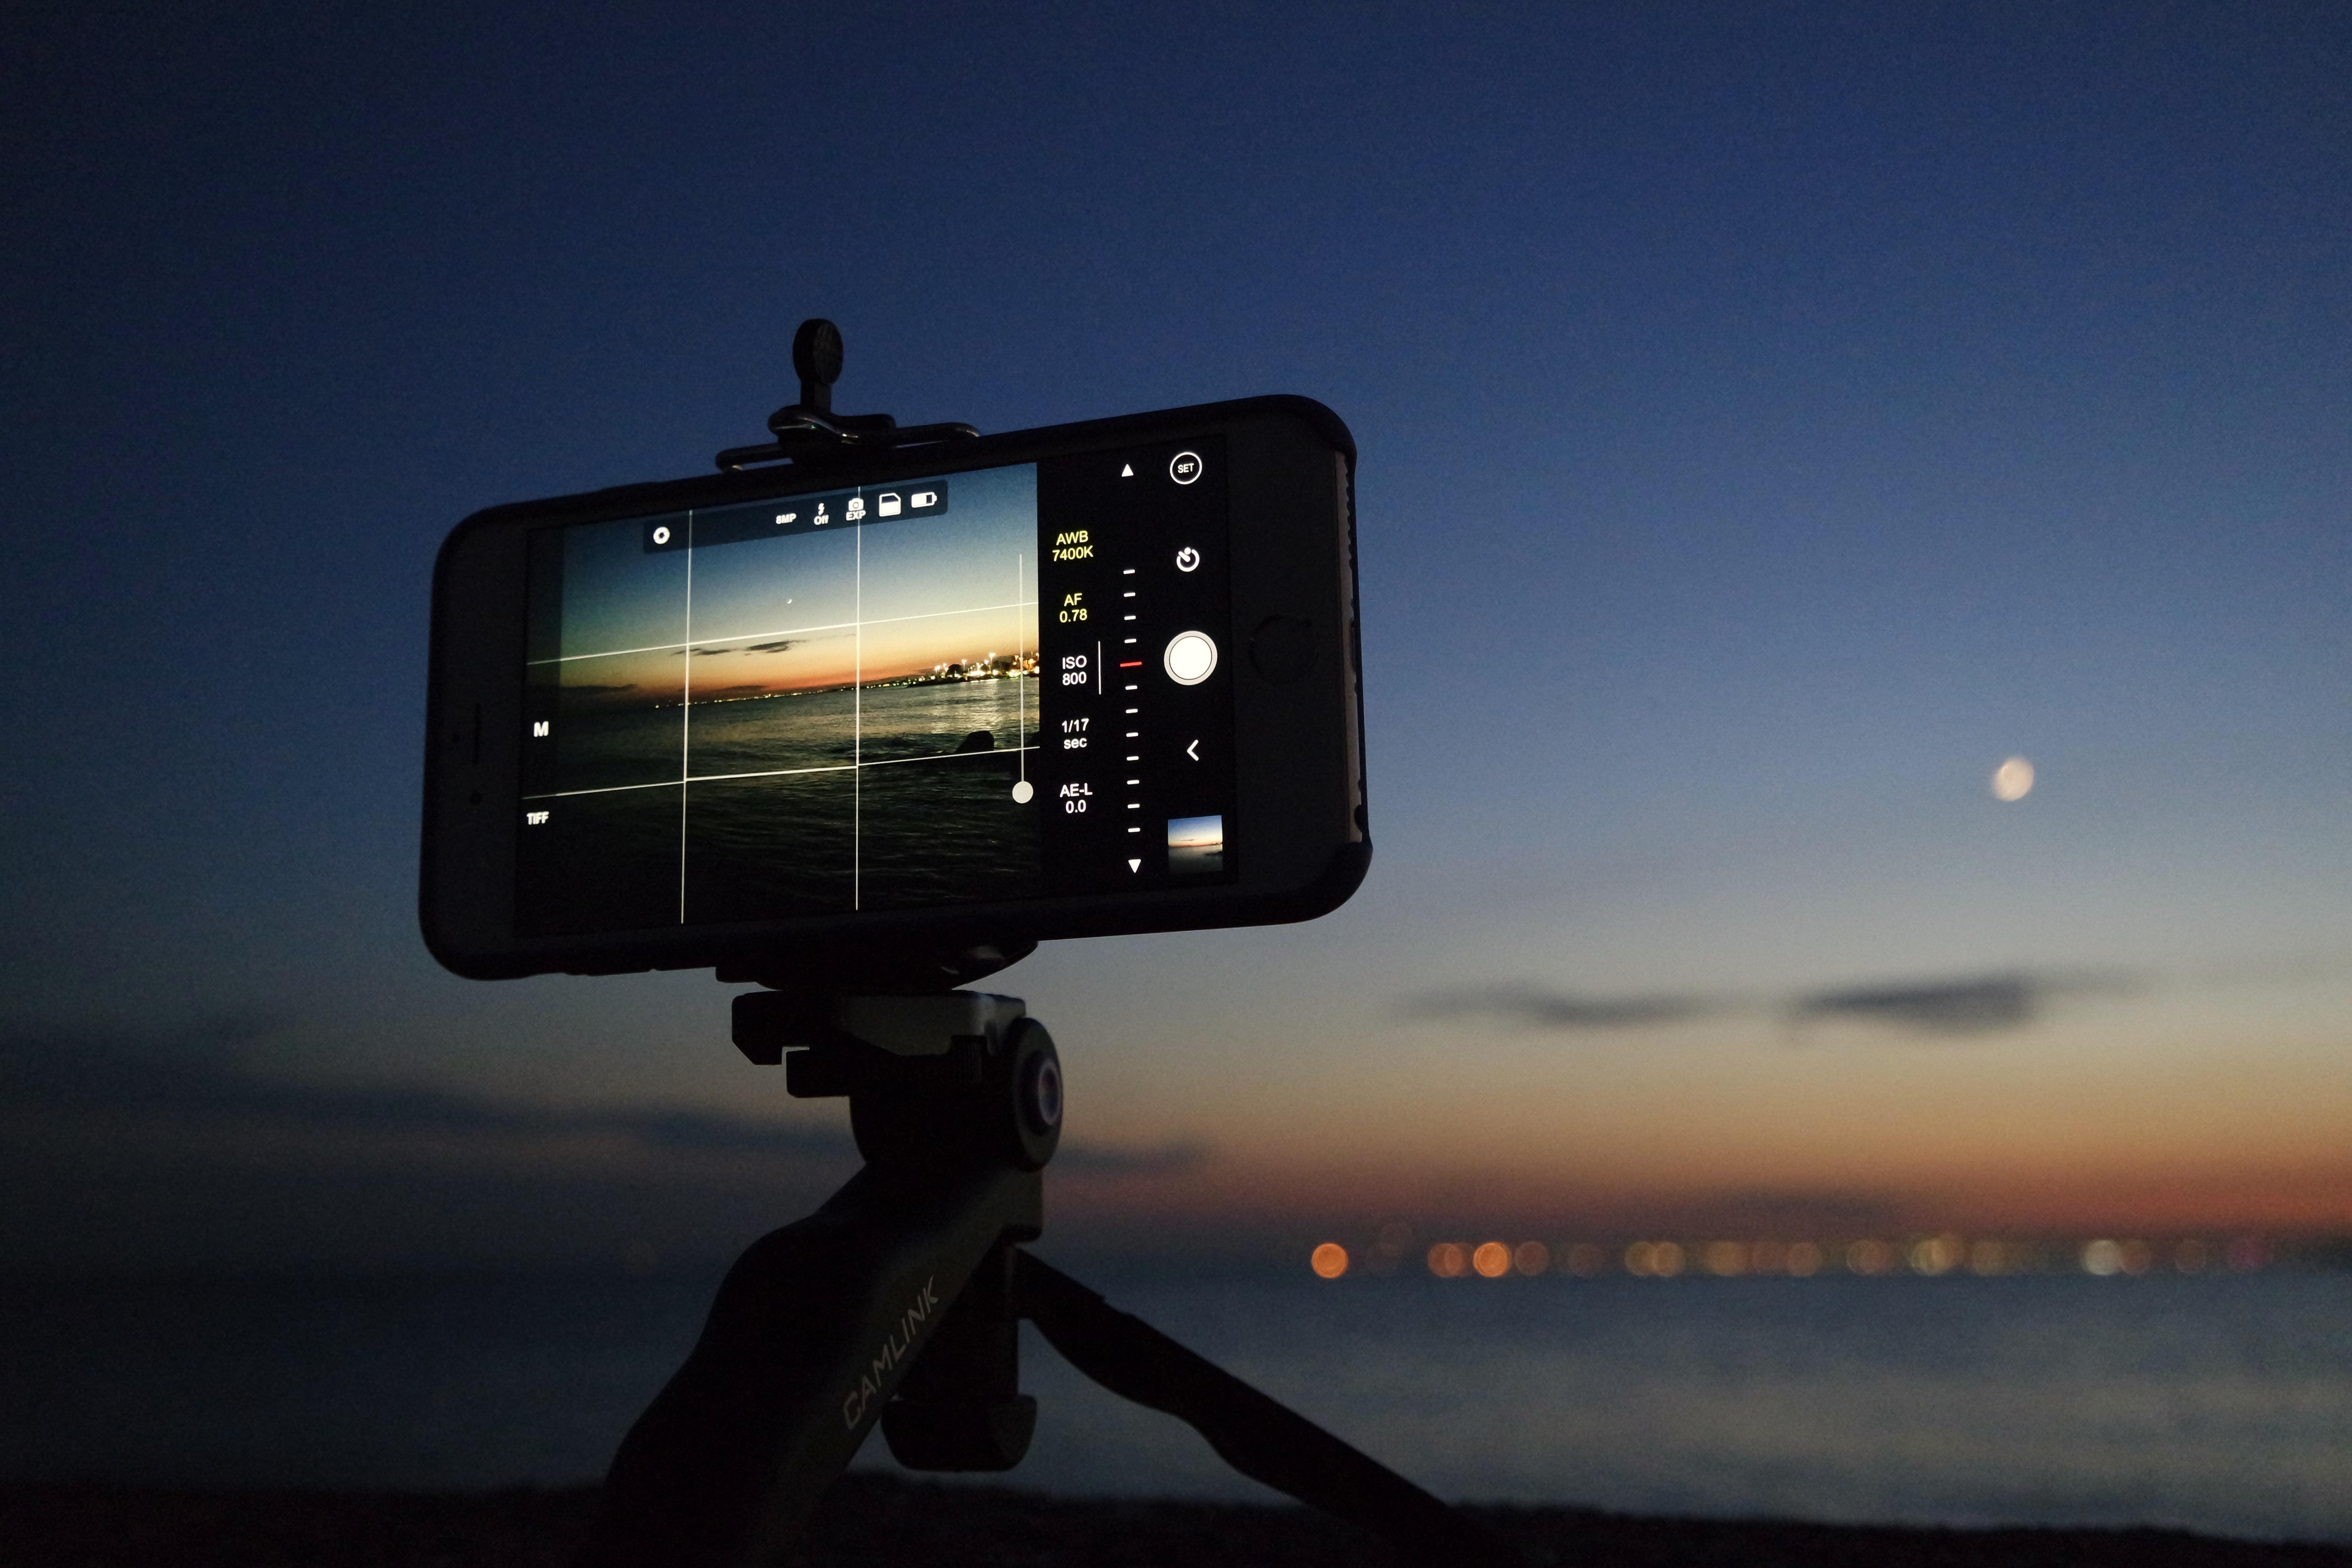 ¿En qué debes fijarte para elegir la cámara de tu smartphone?